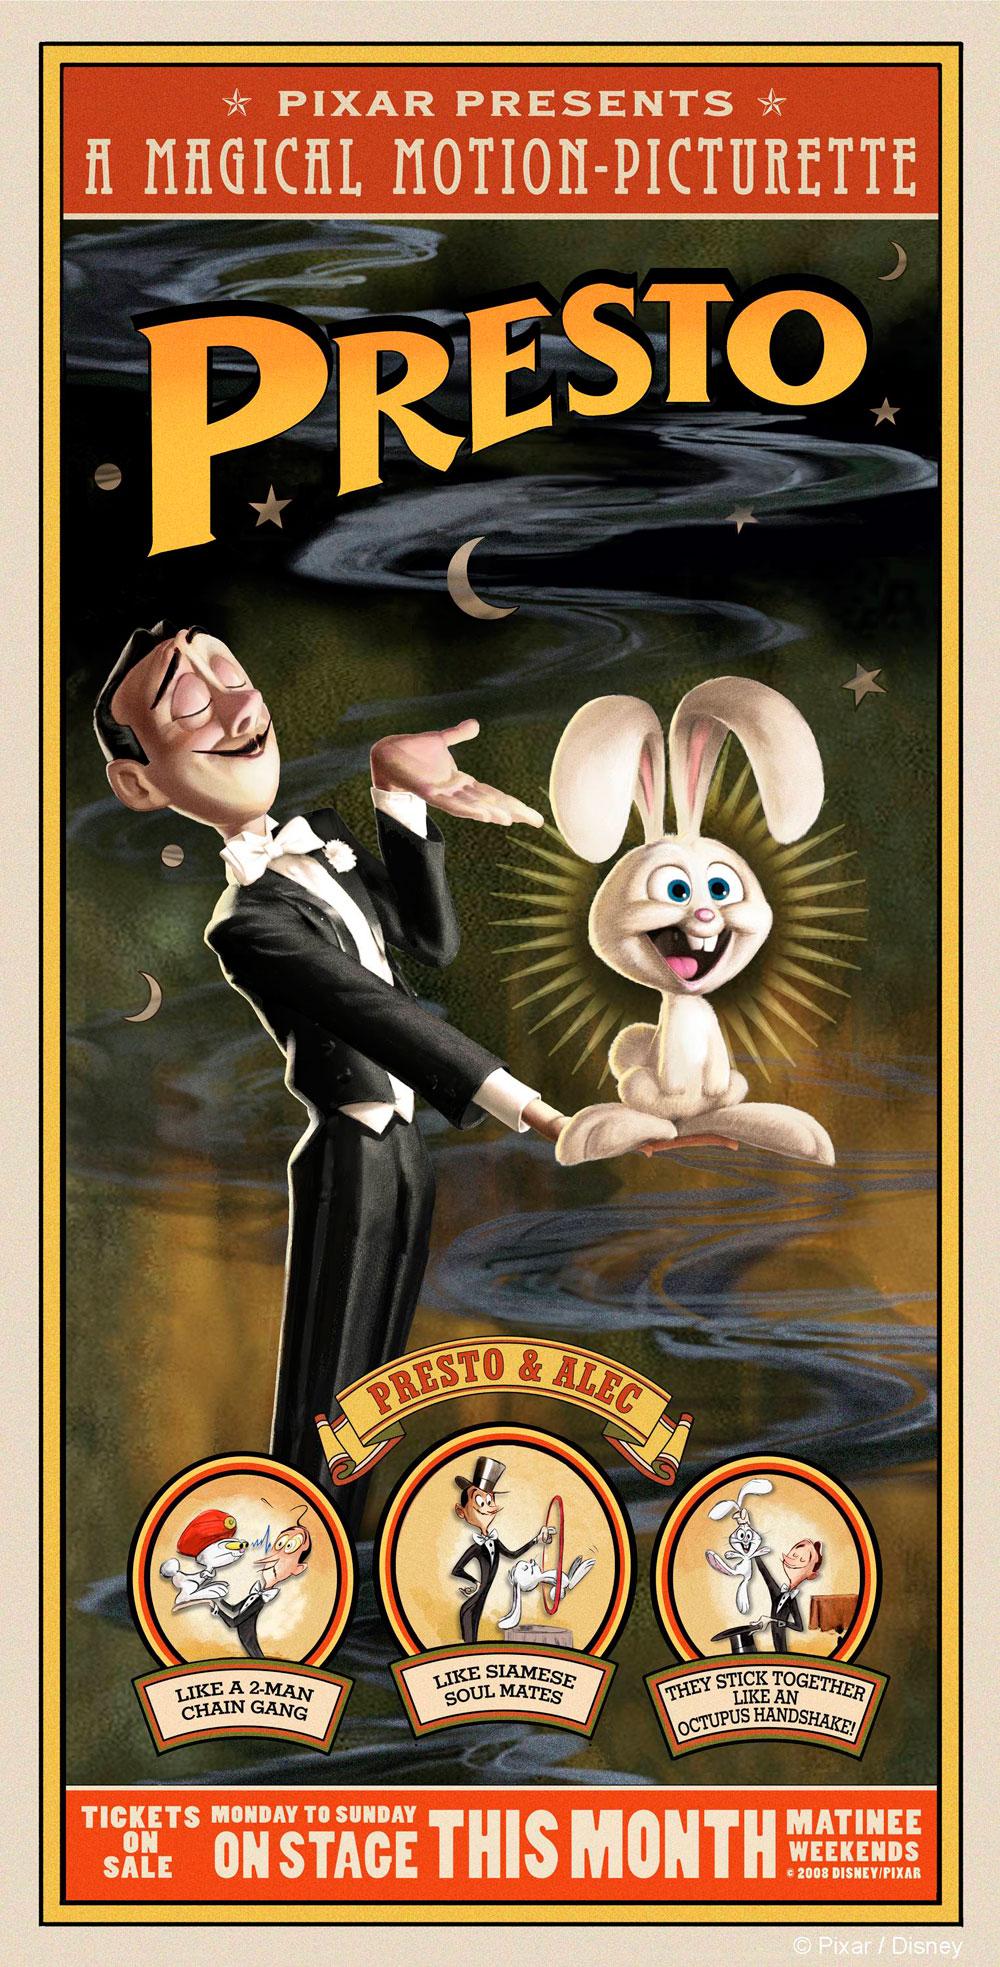 affiche poster presto disney pixar